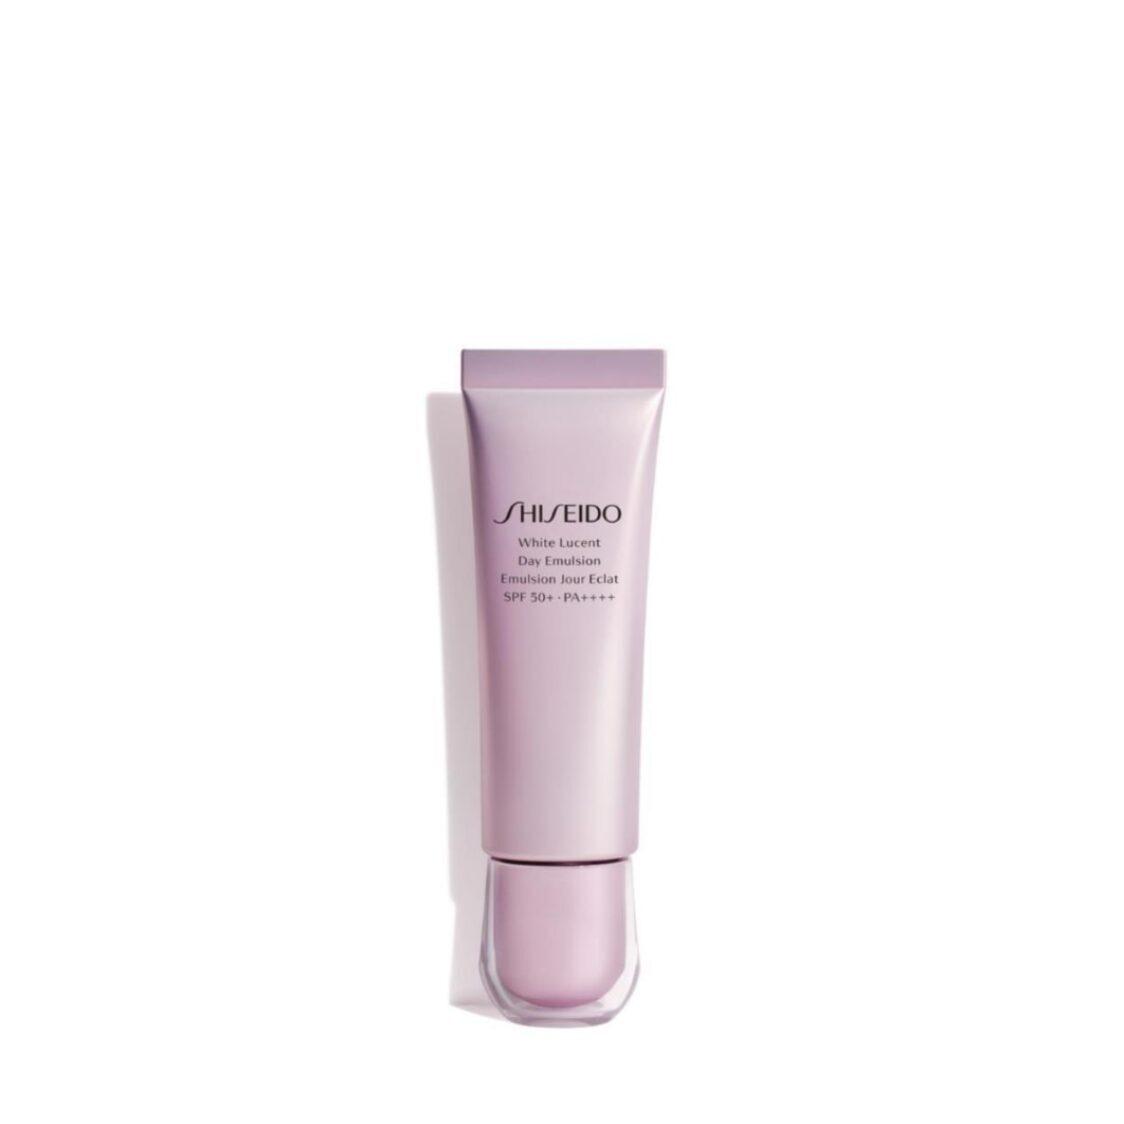 Shiseido White Lucent Day Emulsion